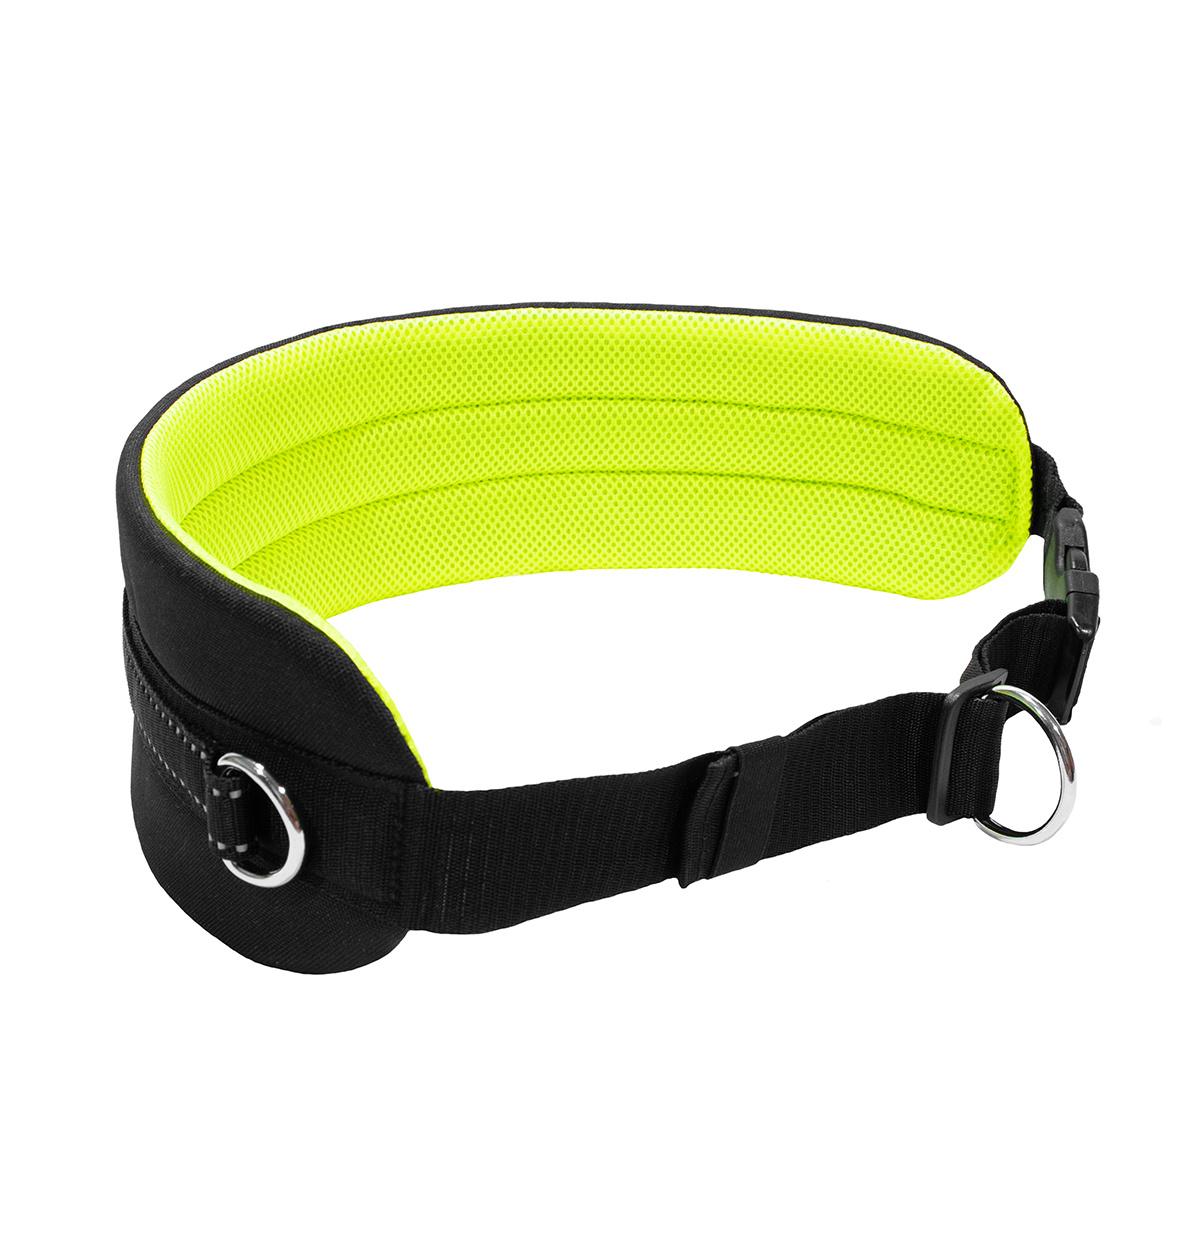 LasaLine LasaLine Canicross Jogging und Laufgürtel mit Reflektoren in Schwarz Neongelb